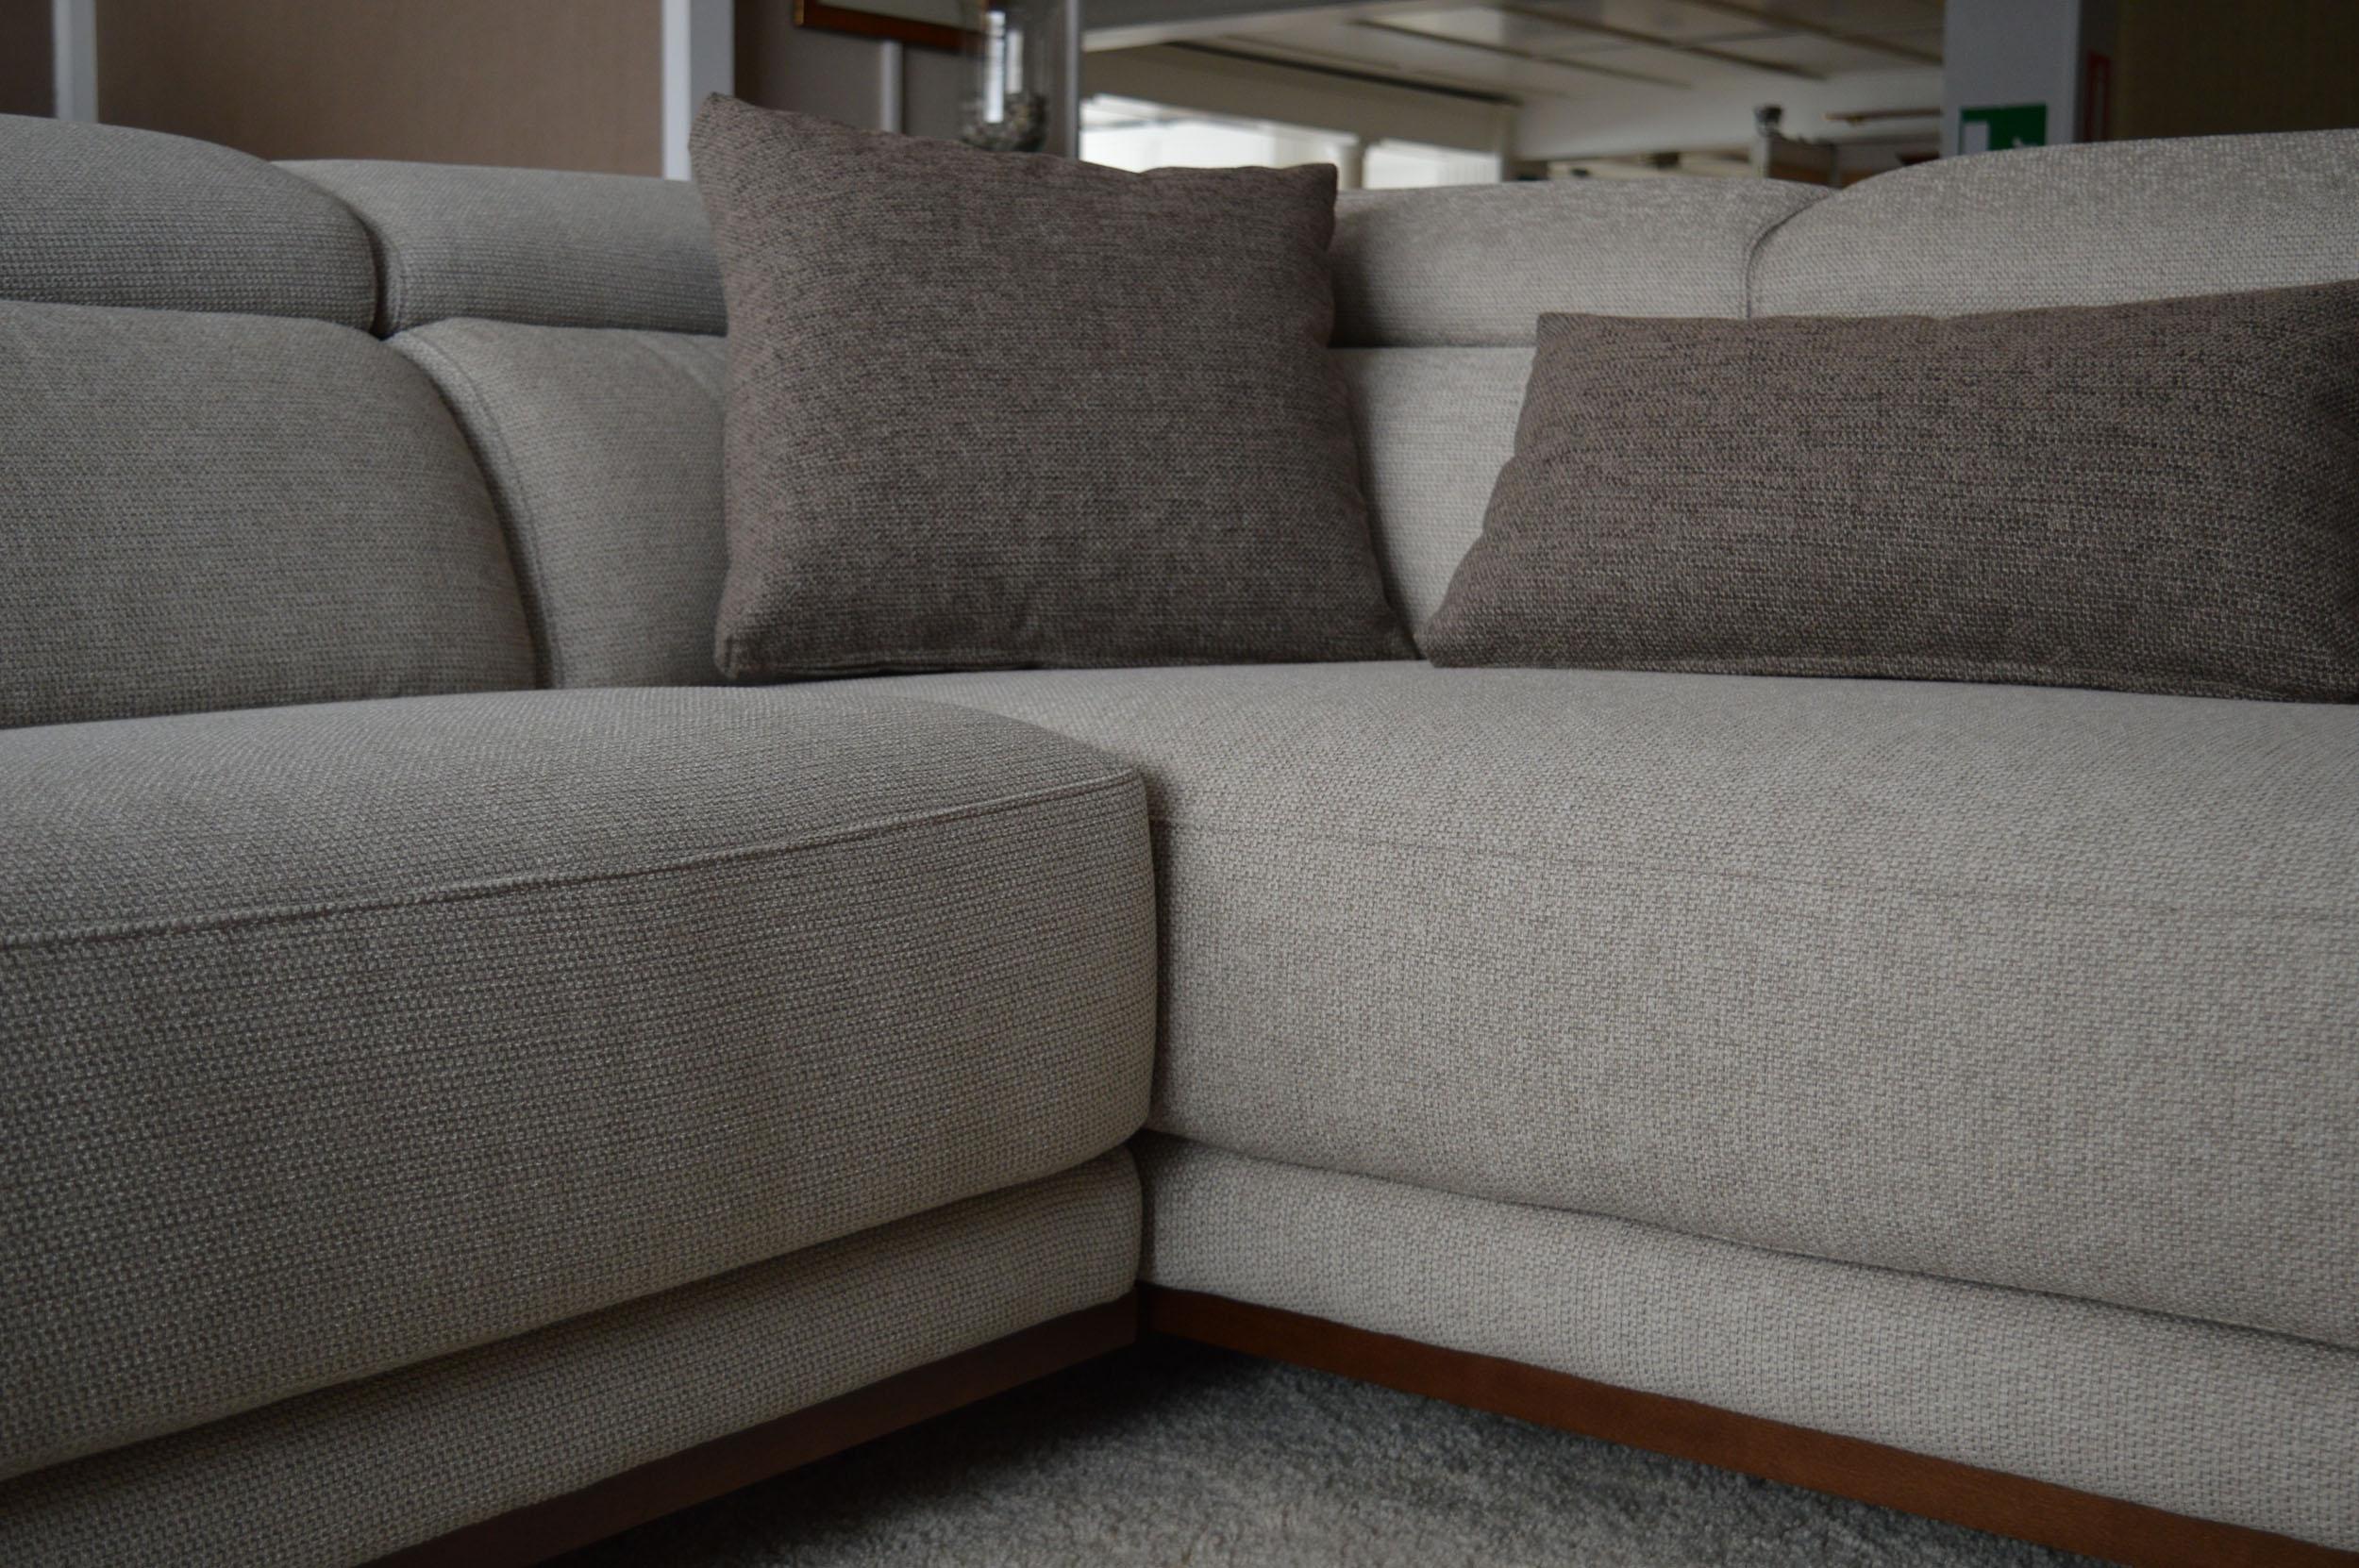 Servicio de tapicería personalizado - Arin y Embil Donostia